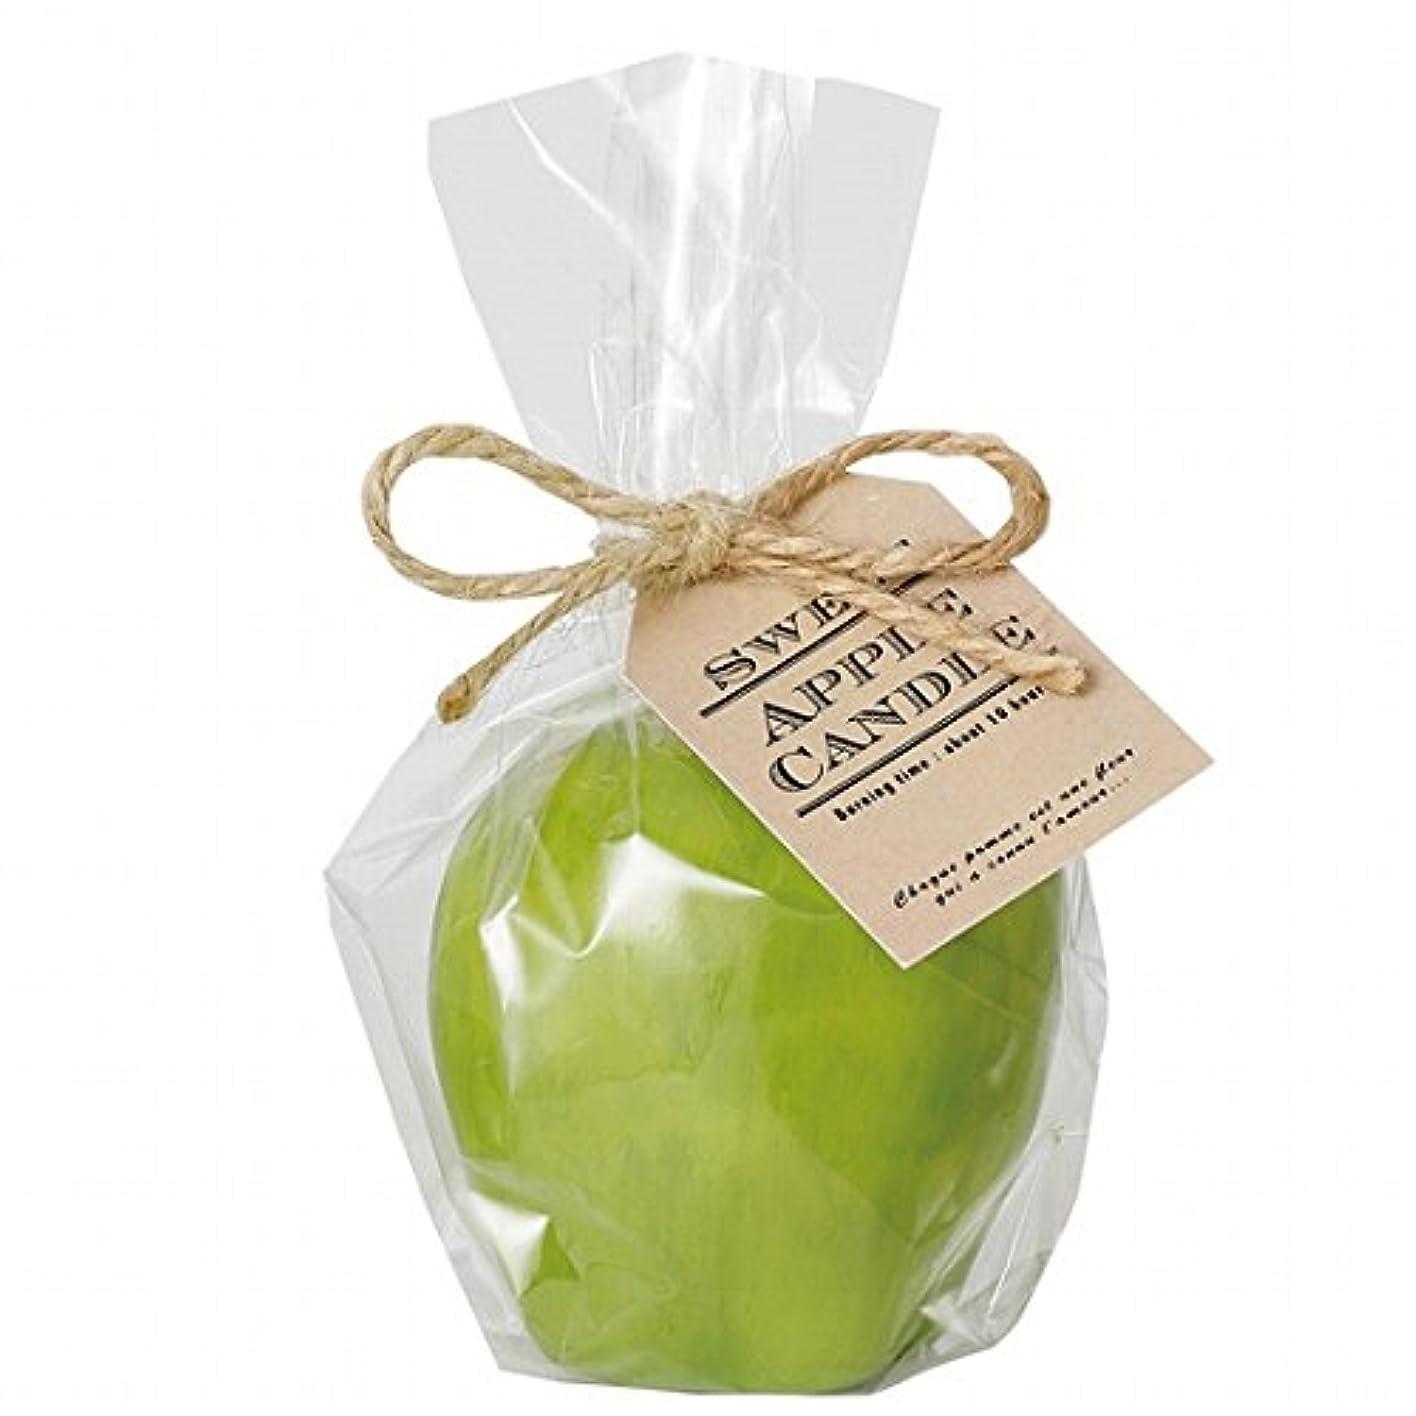 上院医療過誤薬を飲むkameyama candle(カメヤマキャンドル) スイートアップルキャンドル 「 グリーン 」(A4630520G)